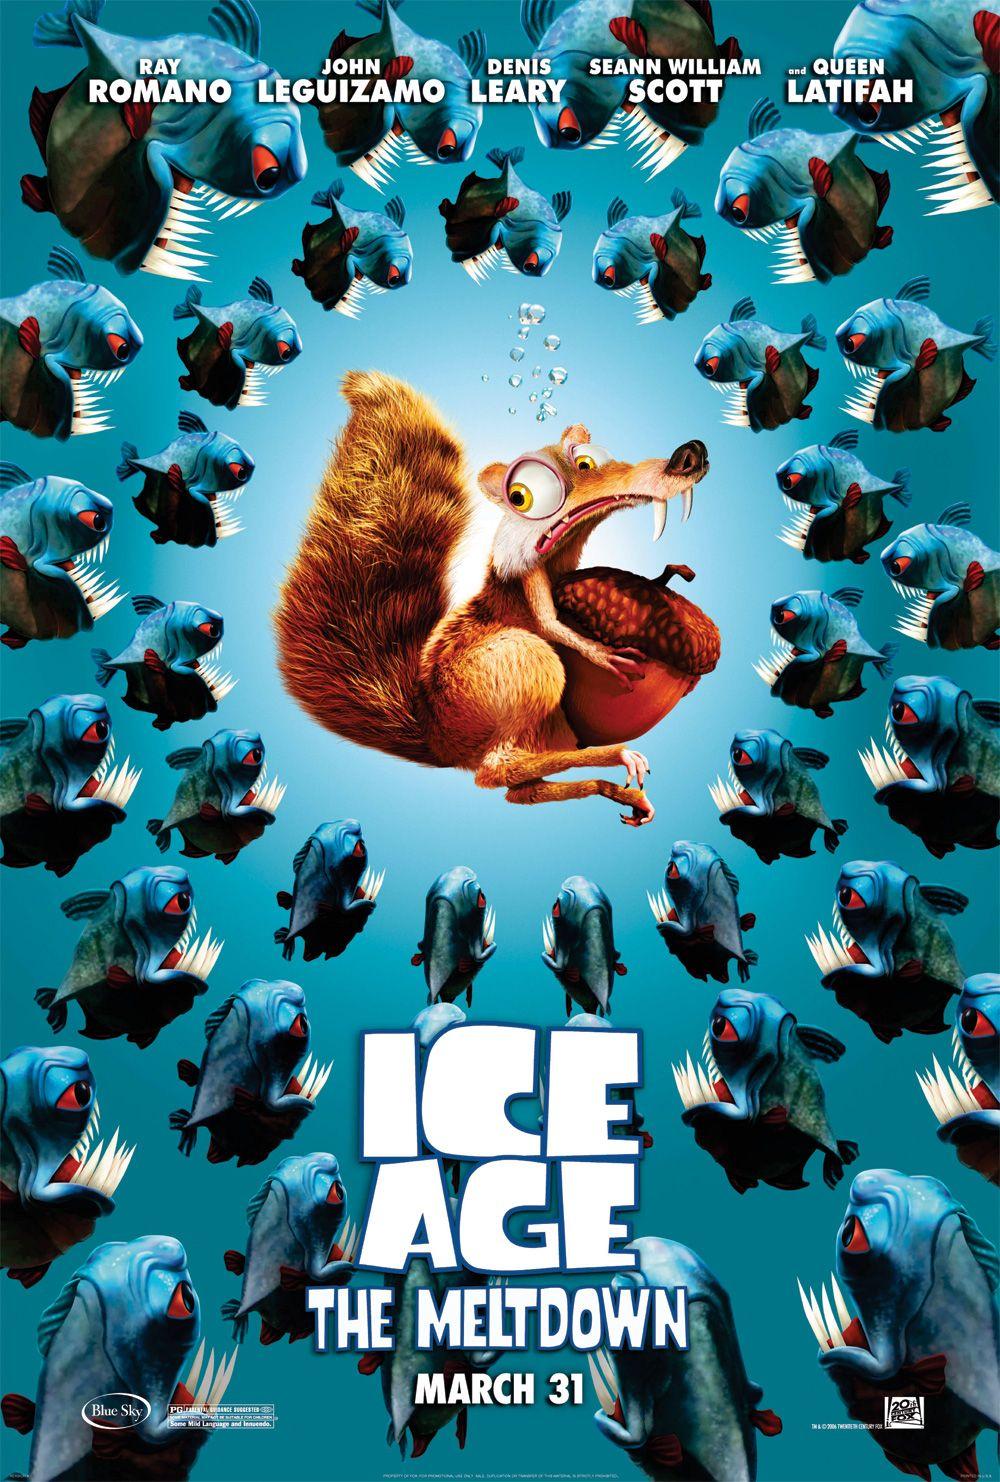 Ice Age The Meltdown Poster 5 | Mr Movie Fiend's Movie Blog